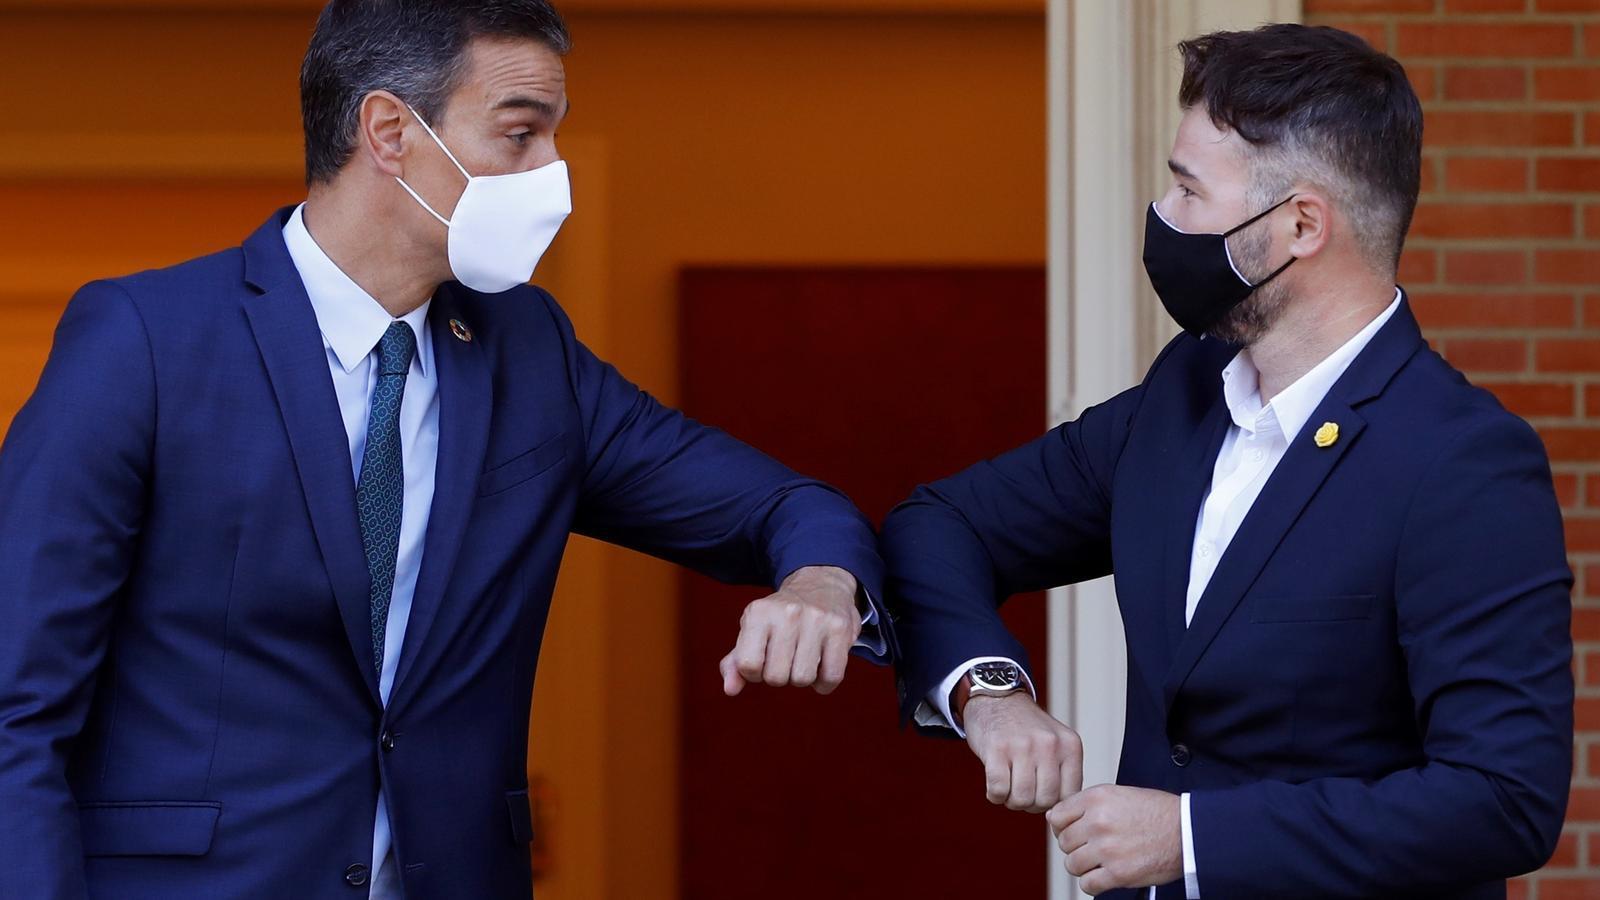 El president del govern espanyol, Pedro Sánchez, i el portaveu d'ERC al Congrés, Gabriel Rufián, durant la reunió a la Moncloa per parlar dels pressupostos del 2021.